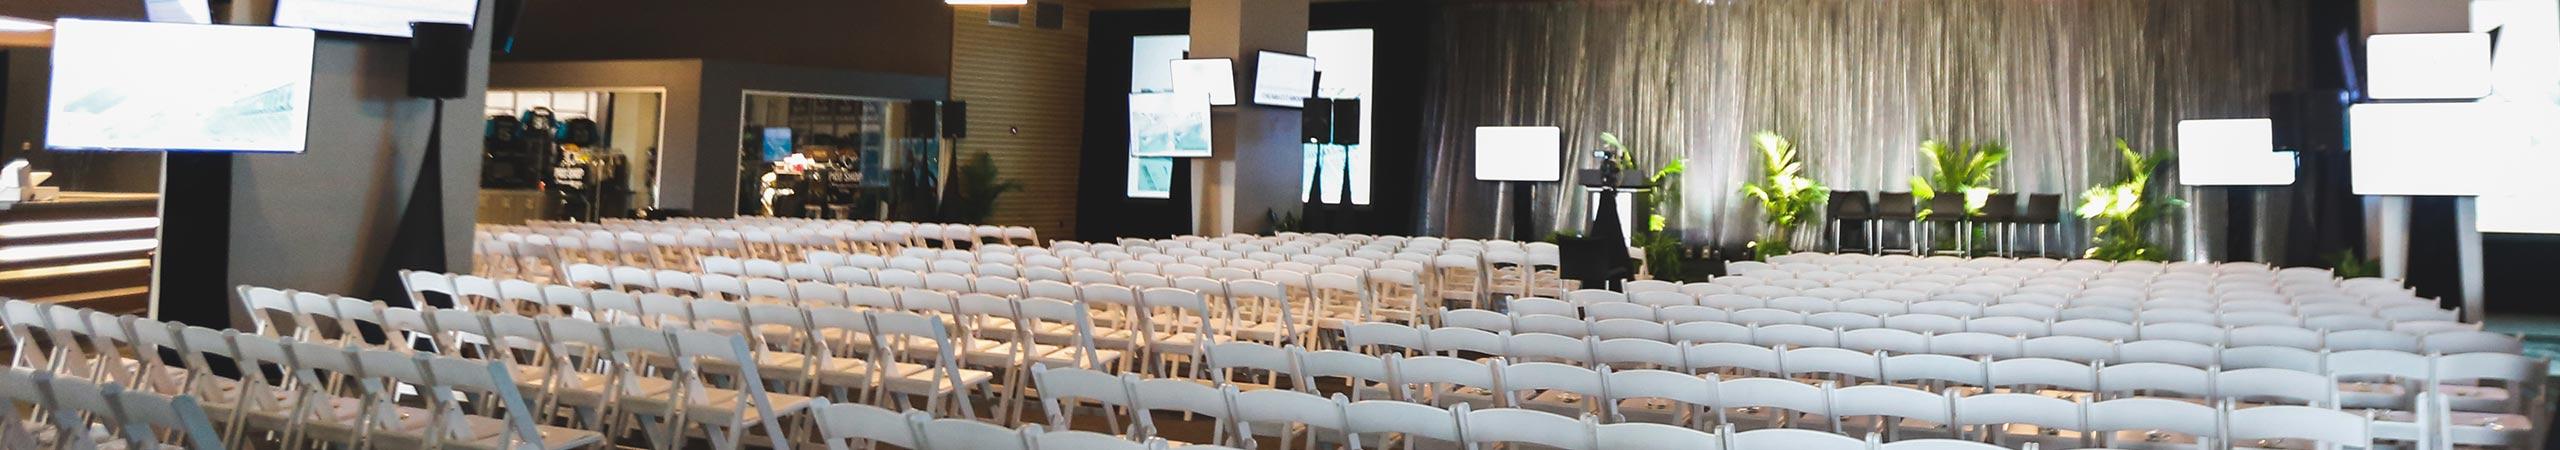 Jacksonville-Florida-Alt-Events-Corporate